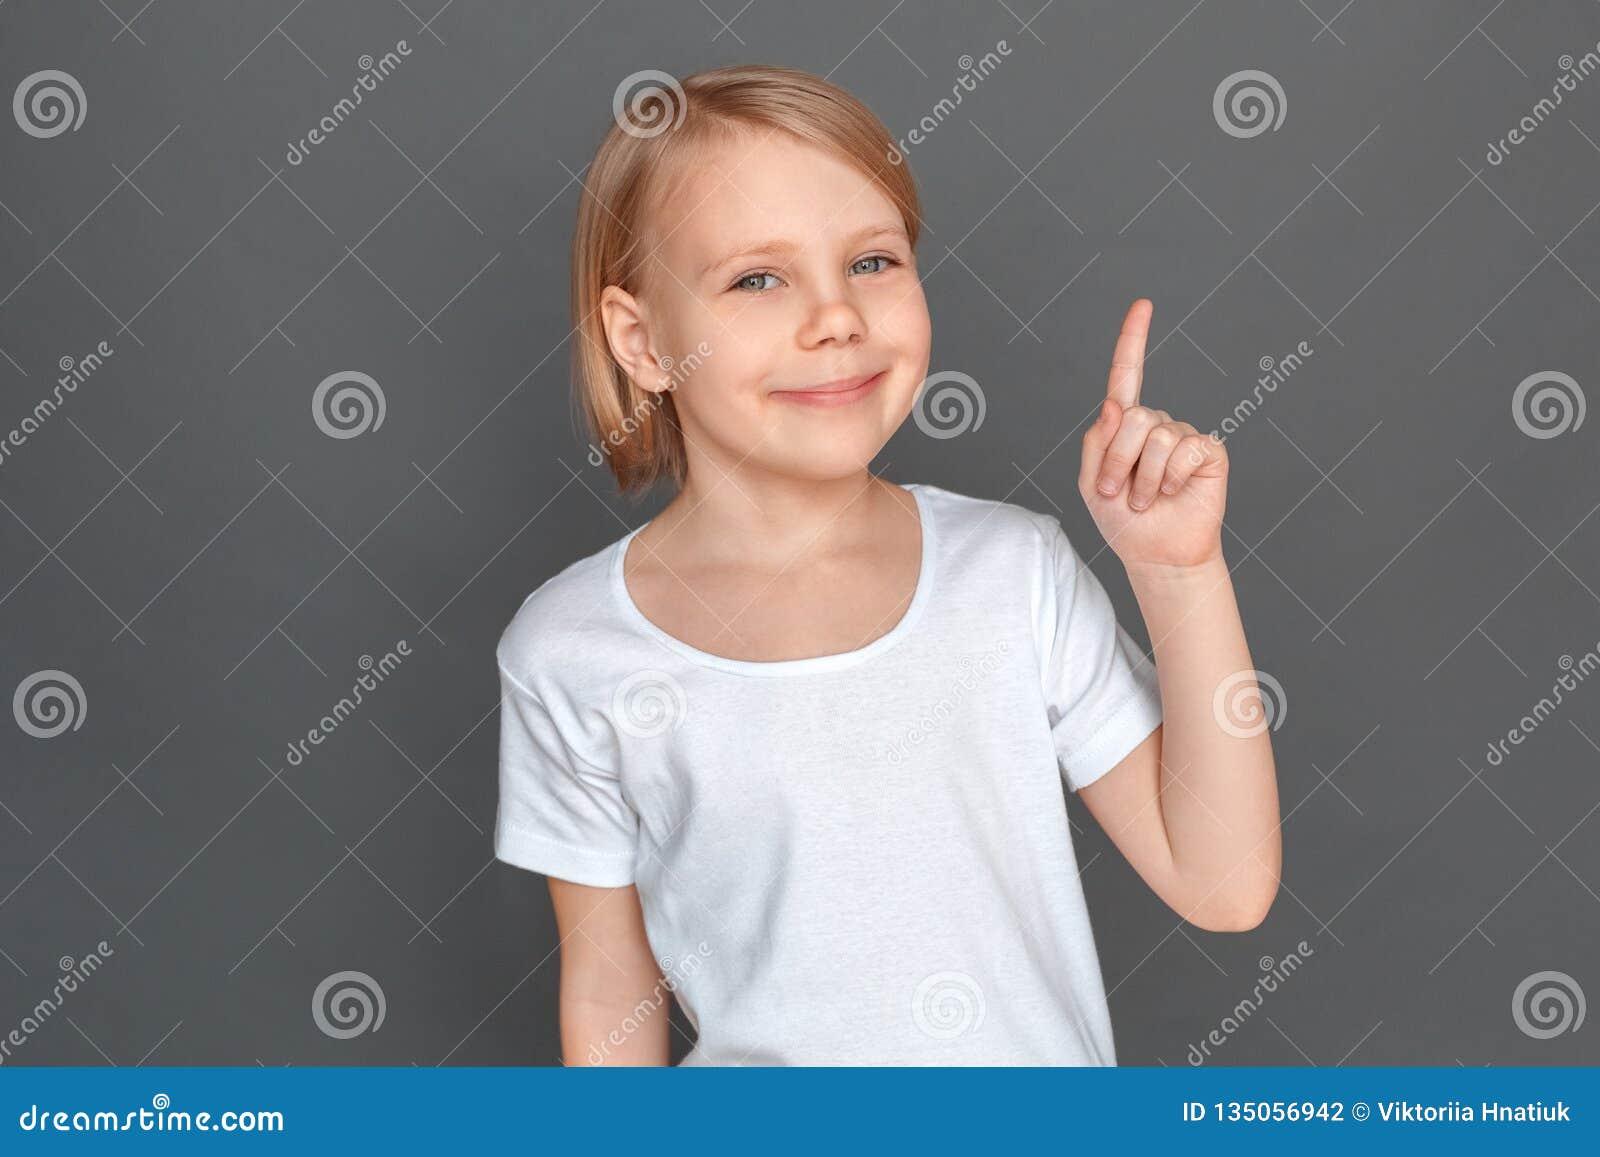 Freestyle Meisje op grijs wordt geïsoleerd die op ruimteterloopse opmerking richten die blij close-up glimlachen dat